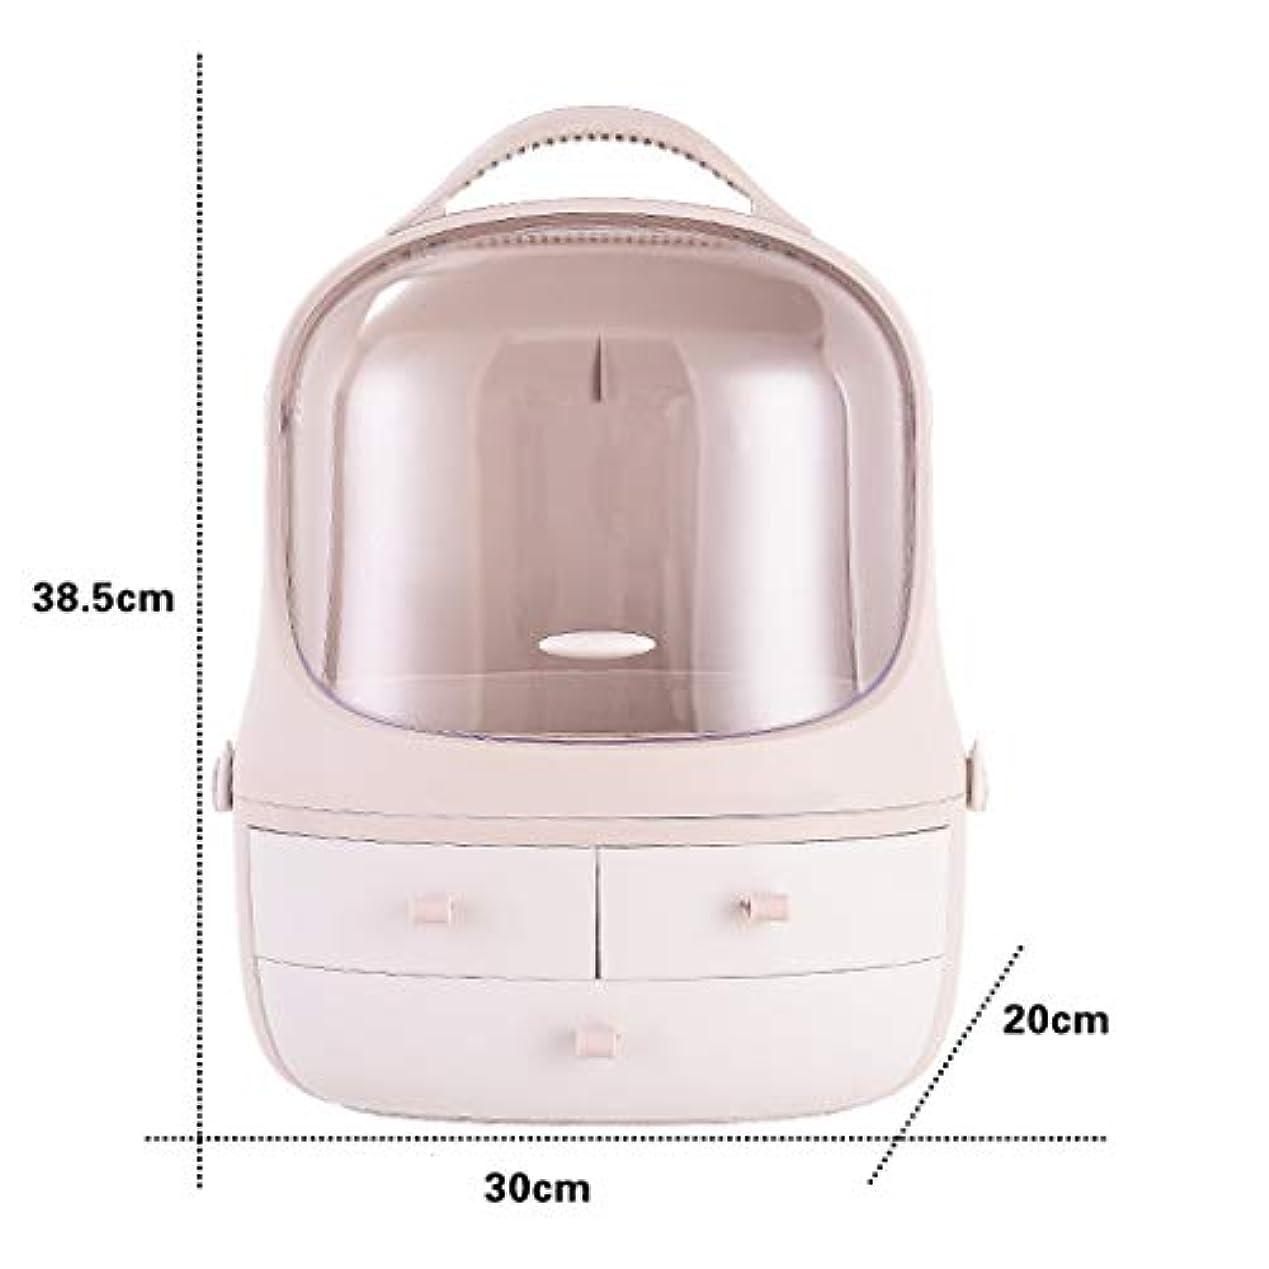 浸す旋回スーパー化粧品収納ボックス女性防塵デスクトップ引き出し家庭用ドレッシングテーブルスキンケア製品収納ボックス (Color : Pink)